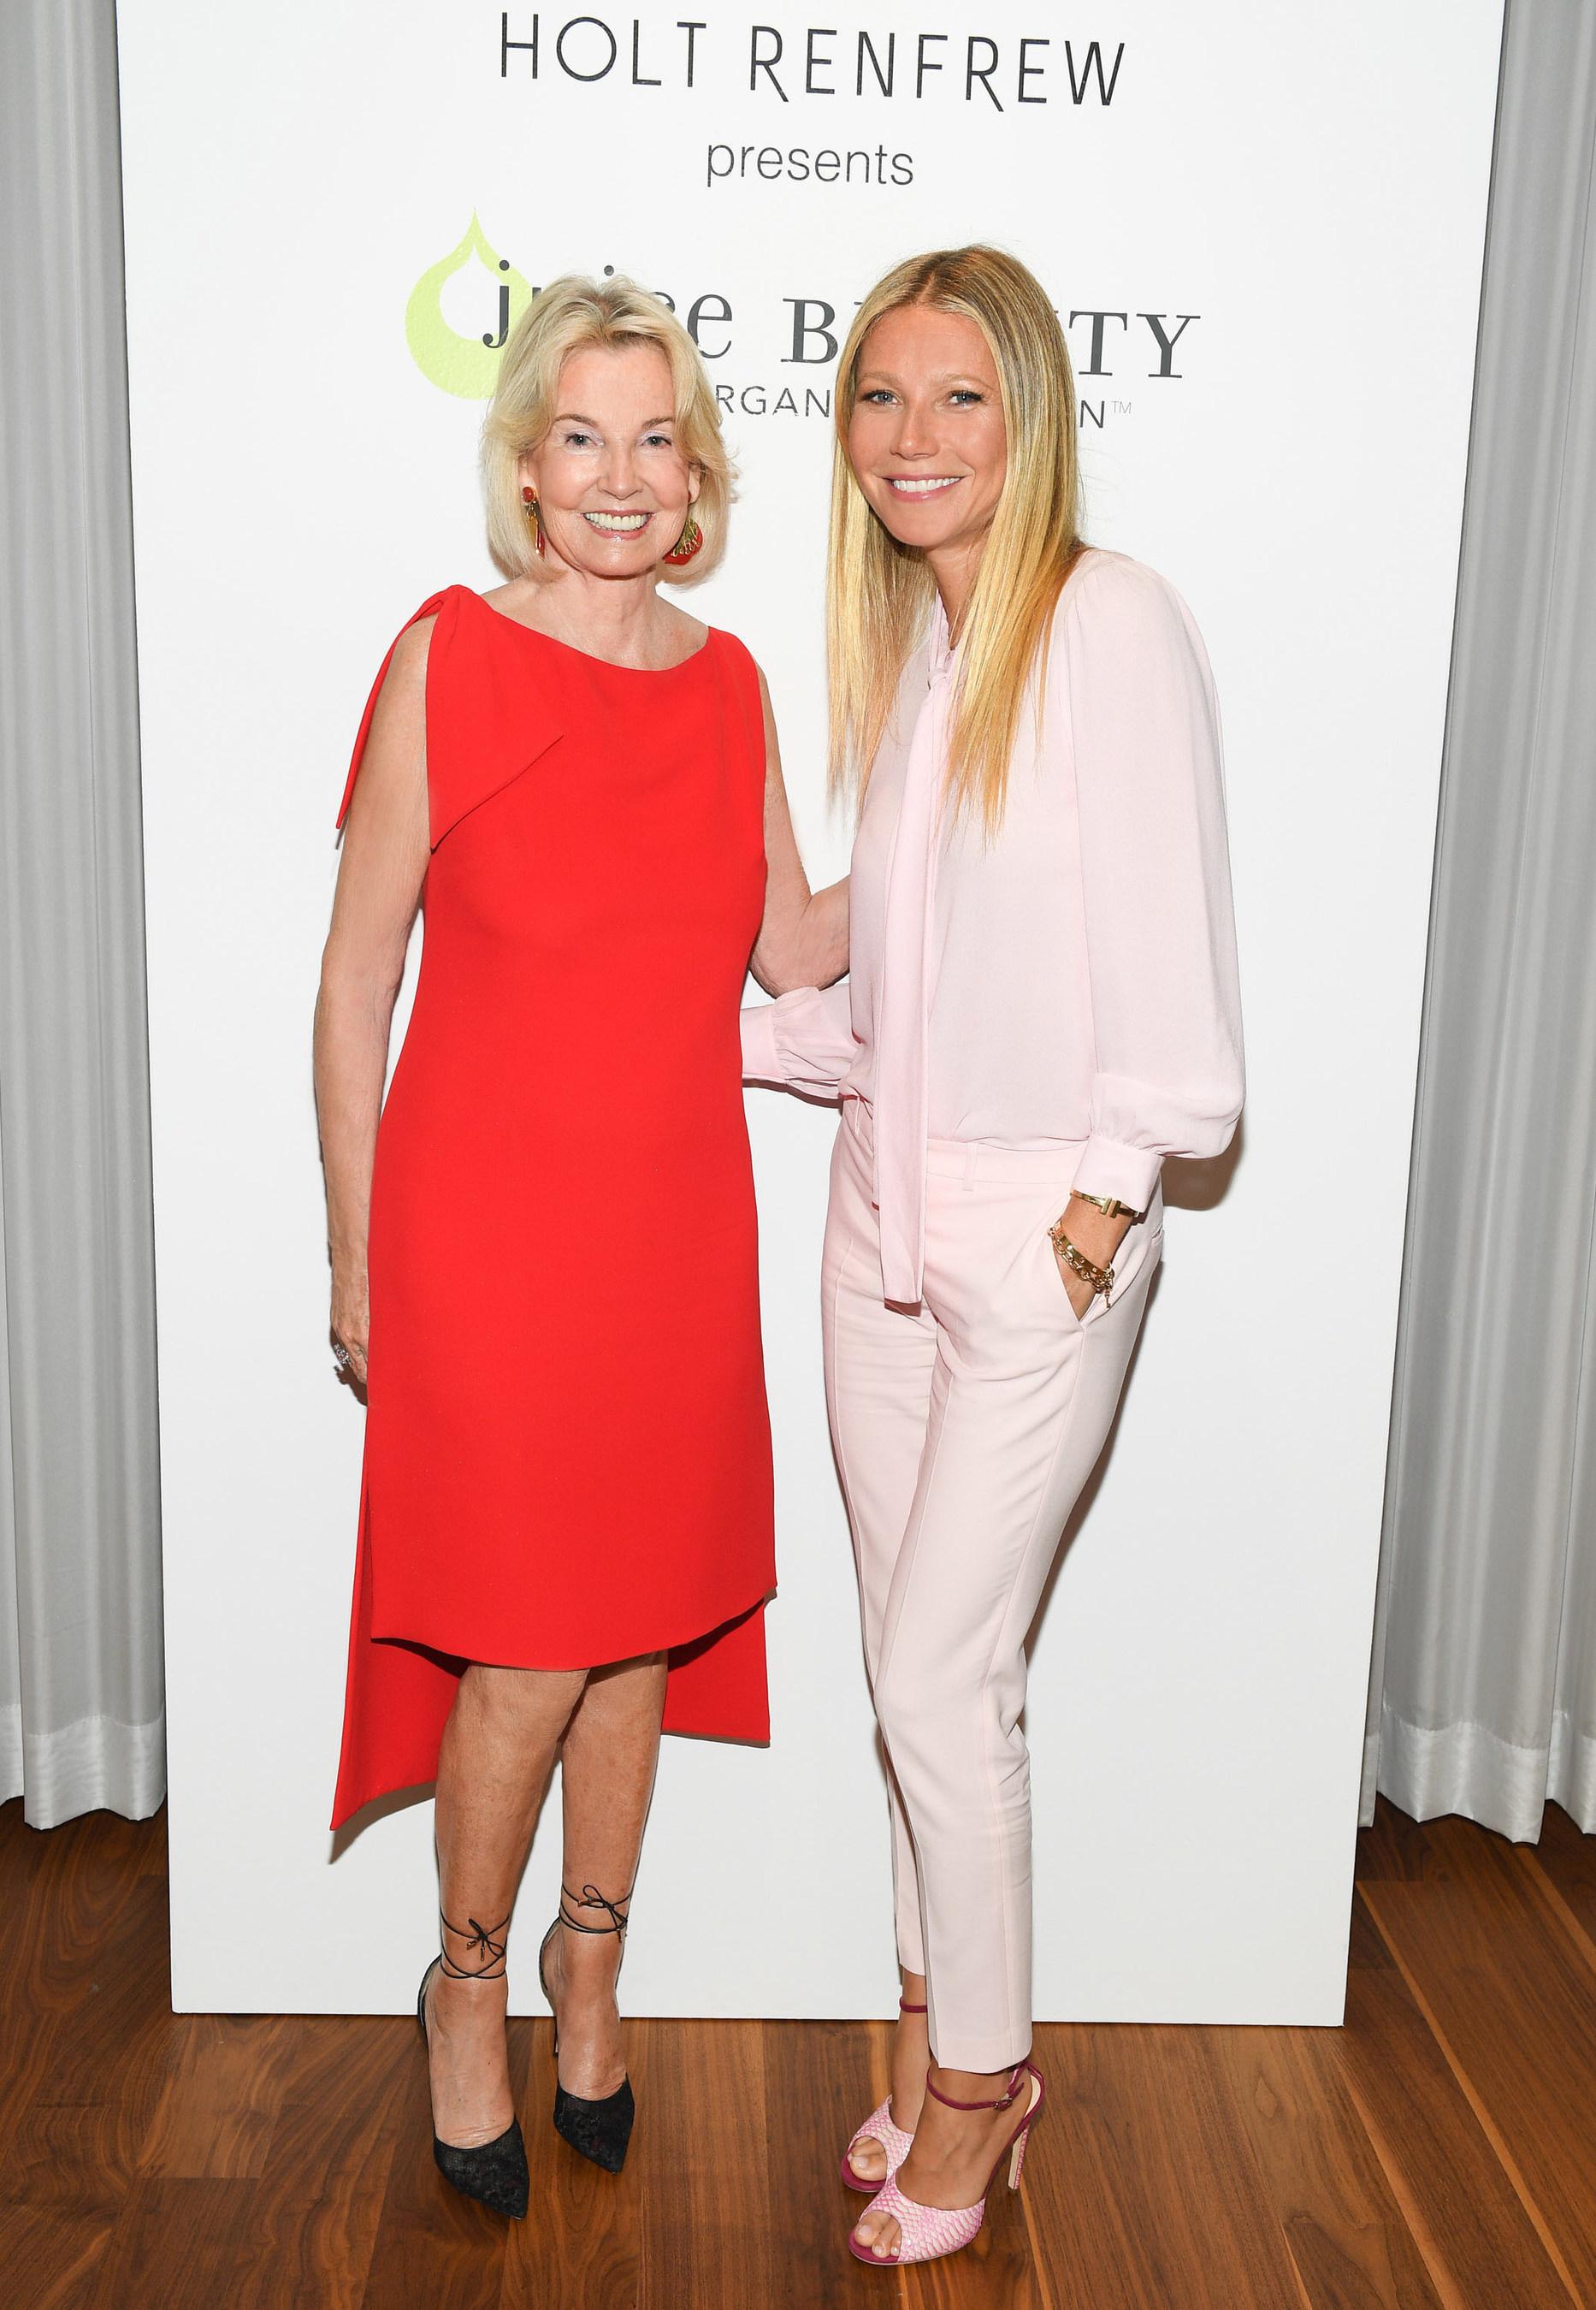 The Hon. Hilary M. Weston and Gwyneth Paltrow